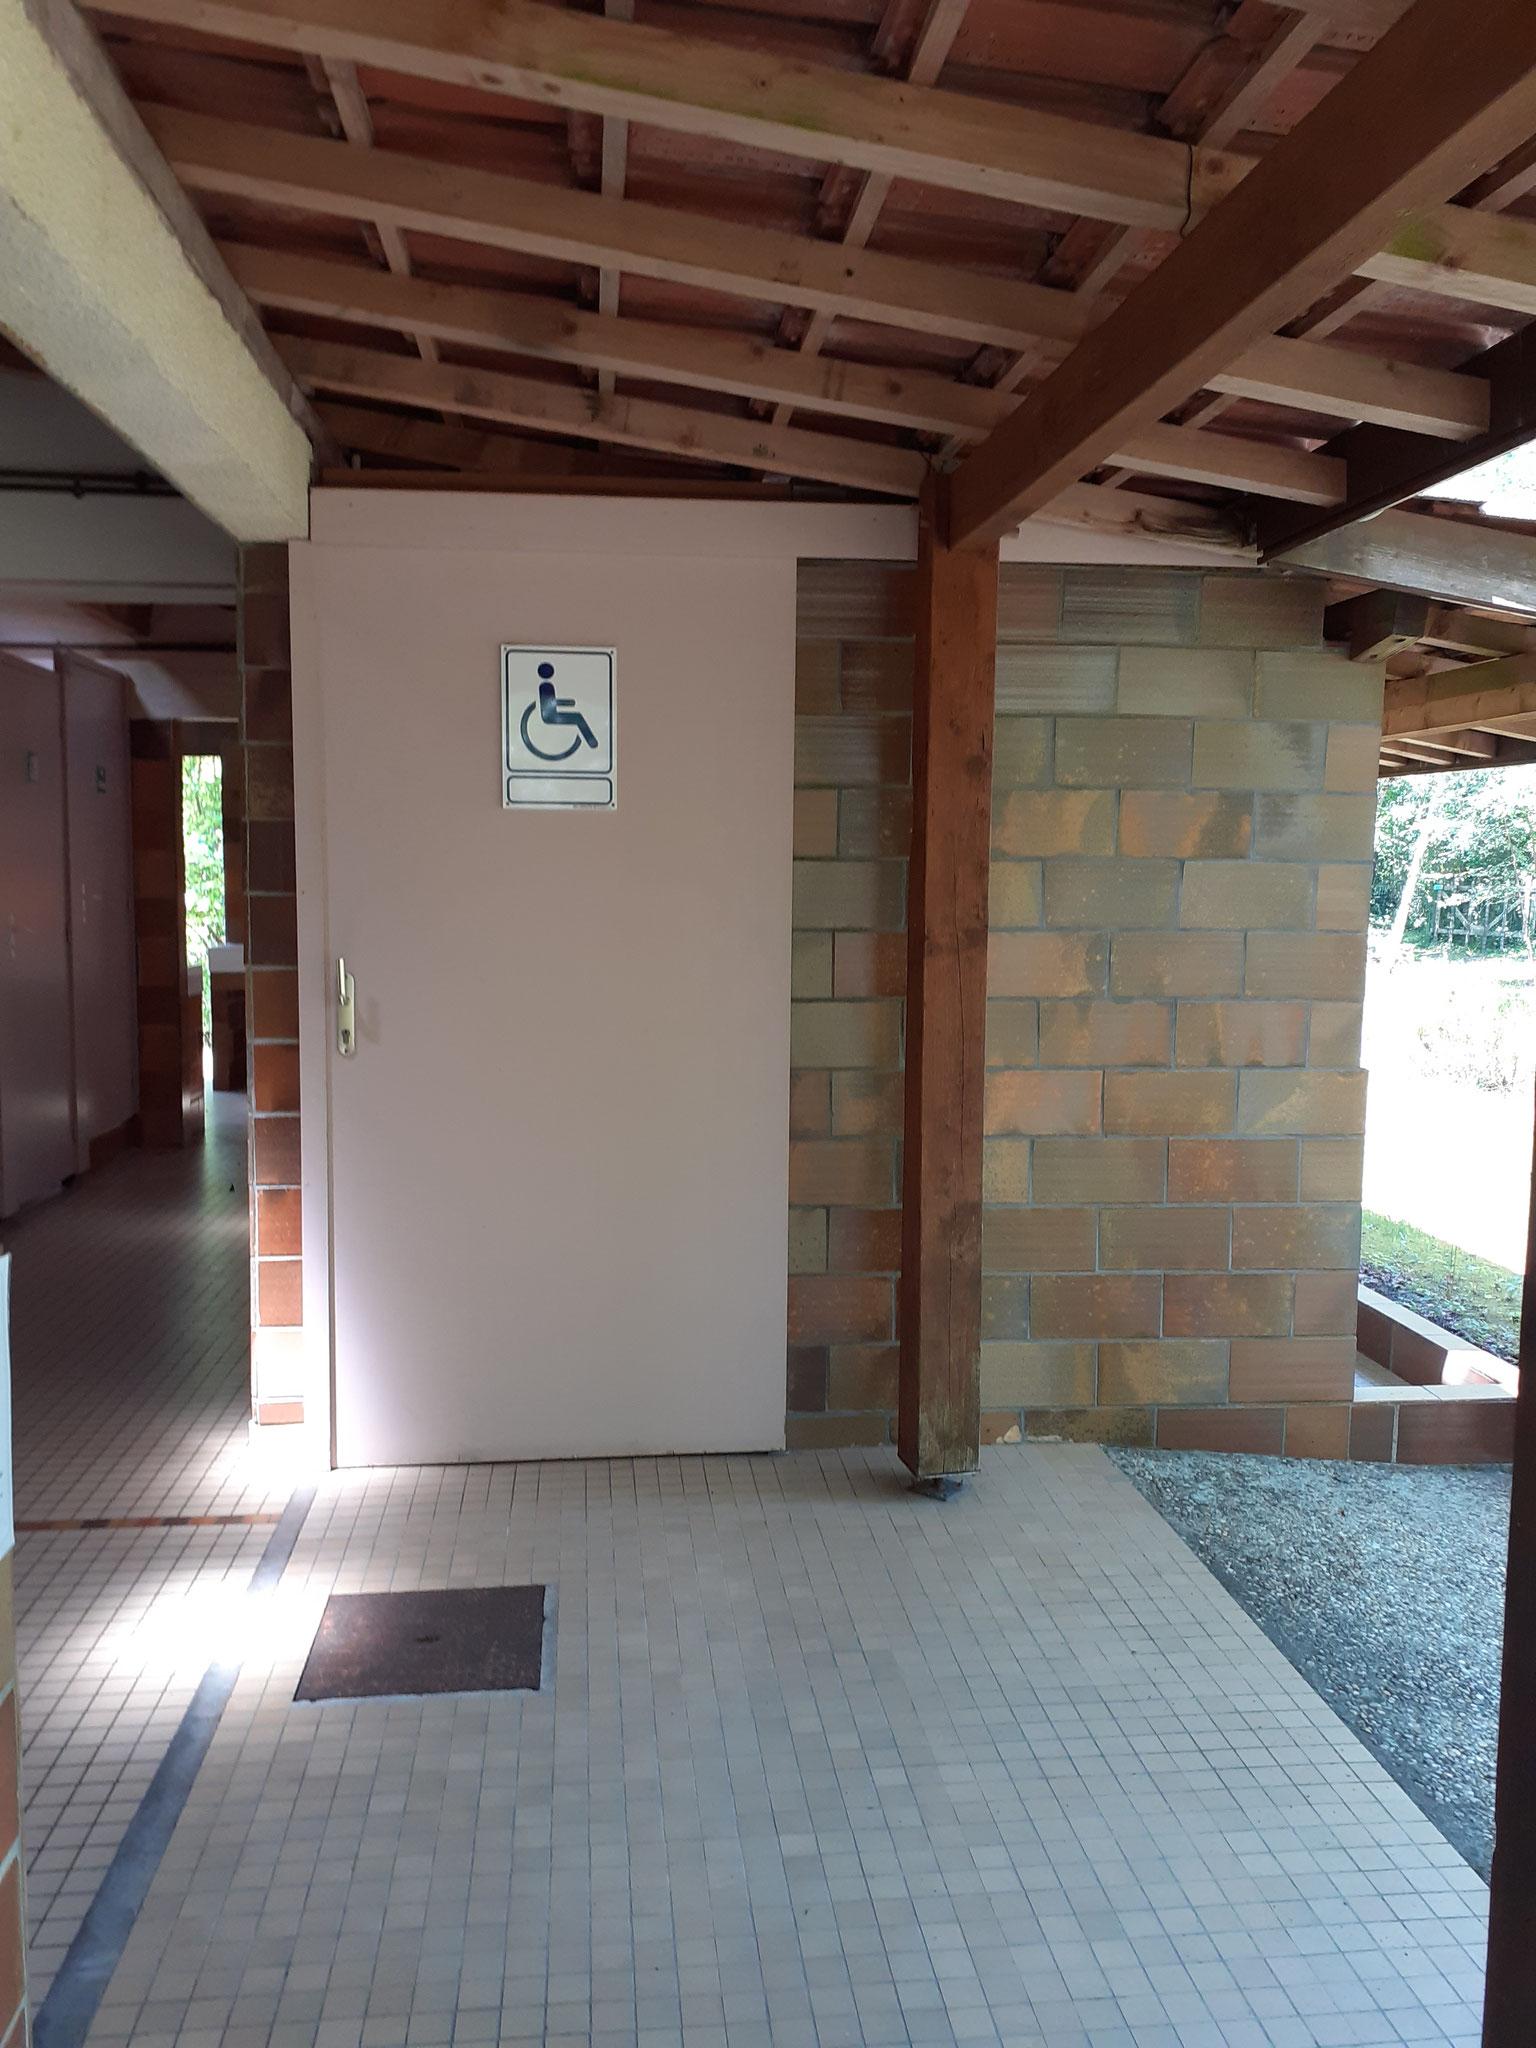 Badezimmer für Menschen mit eingeschränkter Mobilität